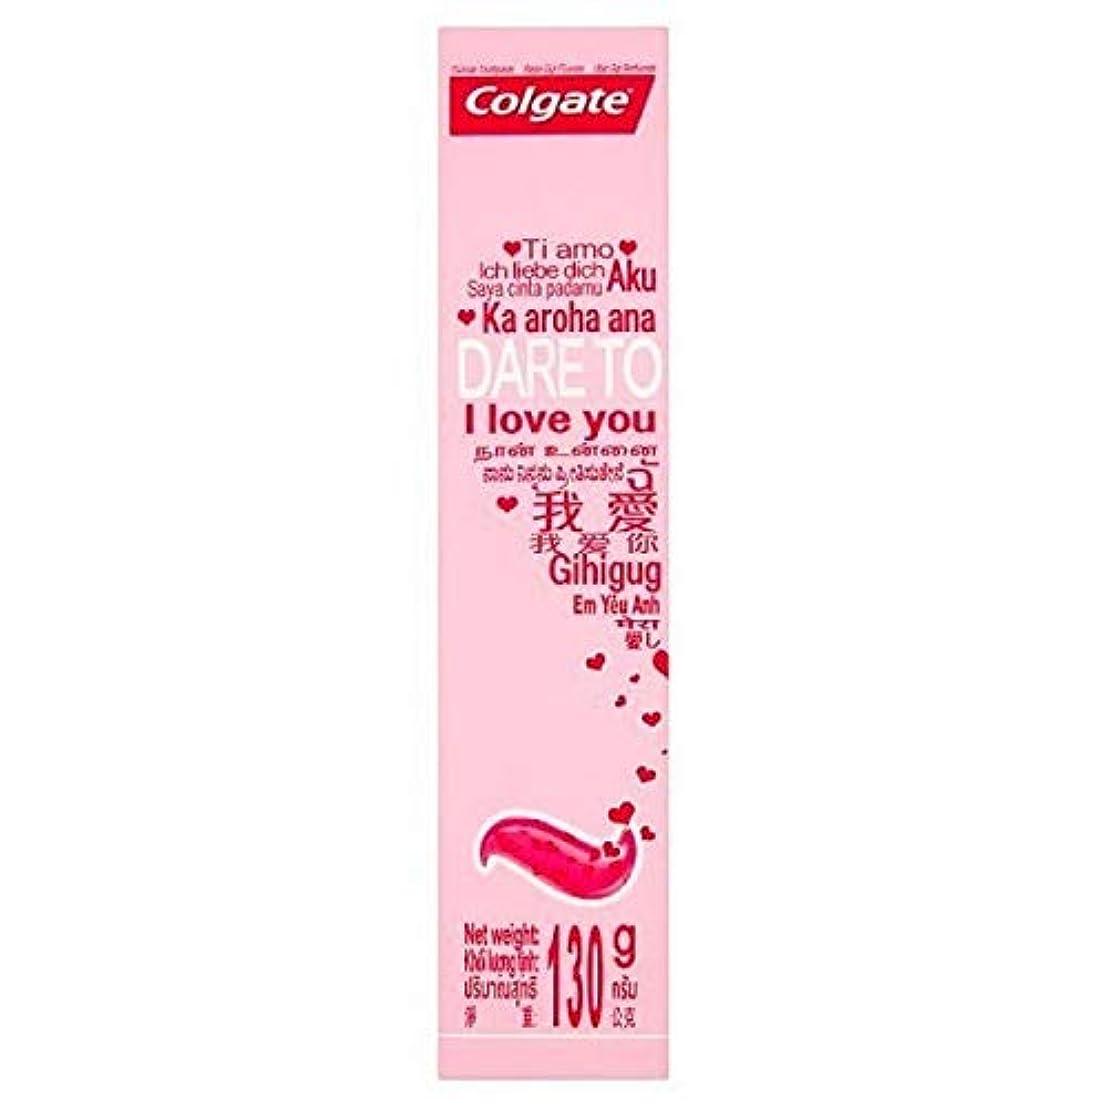 死傷者フォーク植物学[Colgate ] コルゲートは、歯磨き粉の130グラムを愛することを敢えて - Colgate Dare To Love Toothpaste 130g [並行輸入品]